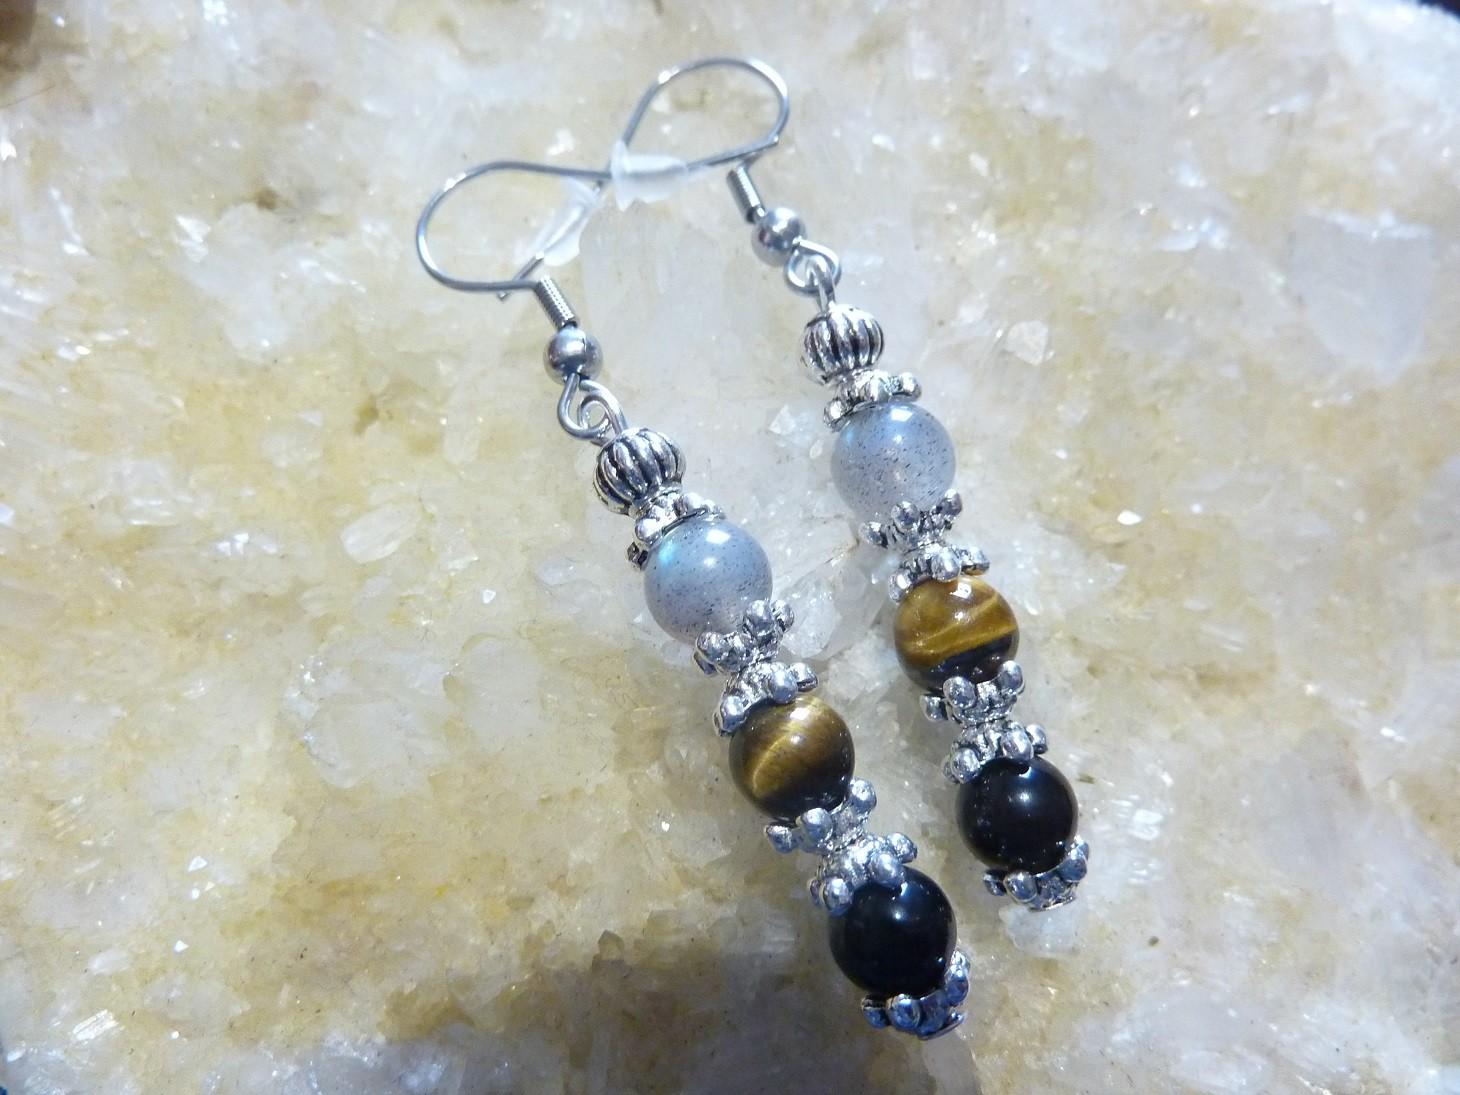 Boucles d'oreilles protection extreme Oeil de tigre Labradorite Obsidienne oeil celeste Perles 6mm